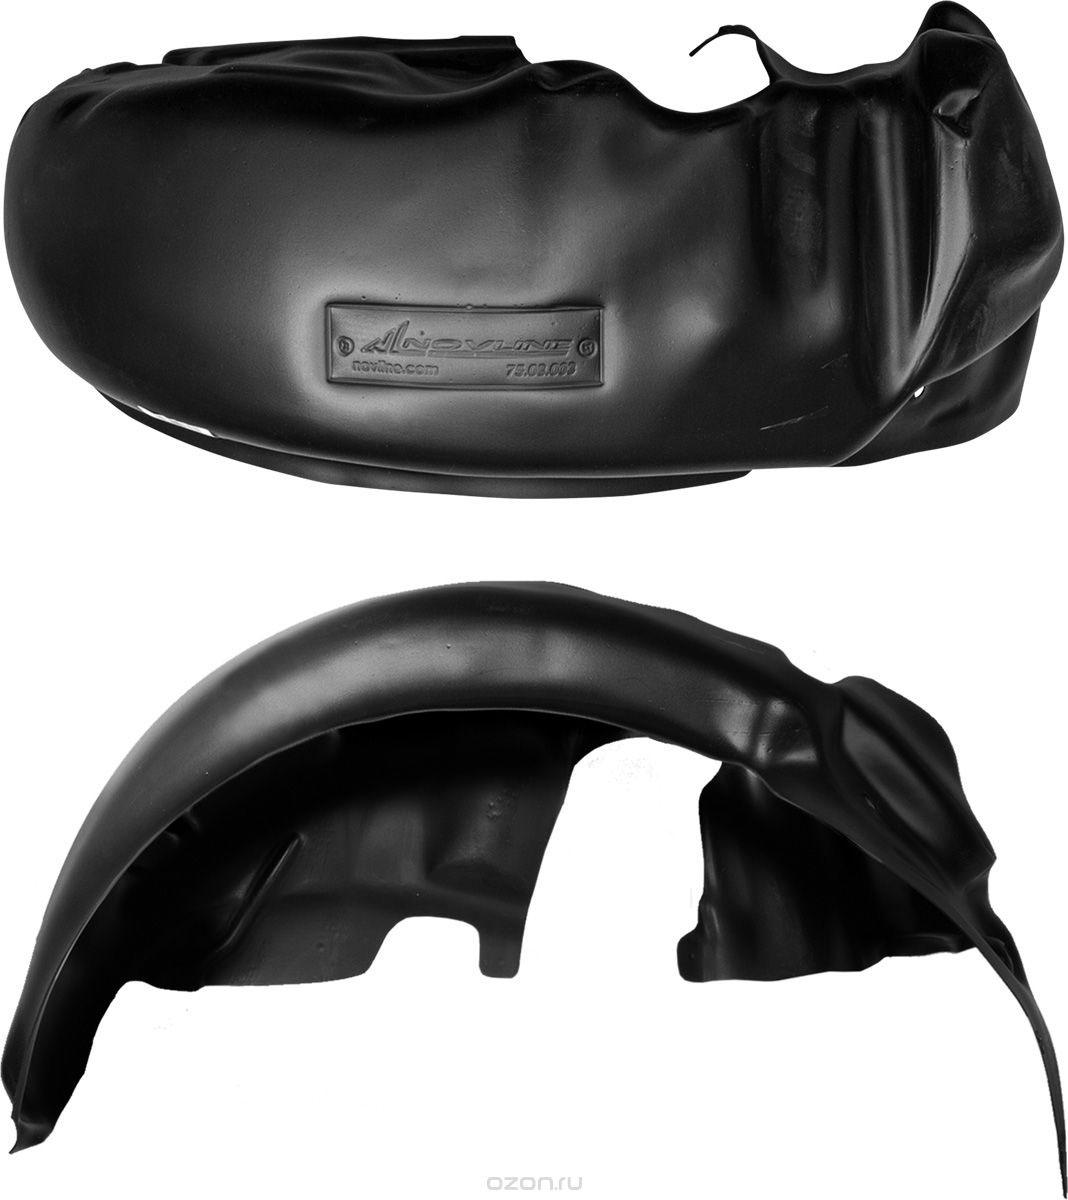 Подкрылок Novline-Autofamily, для Haval H8, 09/2015->, задний левыйNLL.99.04.003Идеальная защита колесной ниши. Локеры разработаны с применением цифровых технологий, гарантируют максимальную повторяемость поверхности арки. Изделия устанавливаются без нарушения лакокрасочного покрытия автомобиля, каждый подкрылок комплектуется крепежом. Уважаемые клиенты, обращаем ваше внимание, что фотографии на подкрылки универсальные и не отражают реальную форму изделия. При этом само изделие идет точно под размер указанного автомобиля.